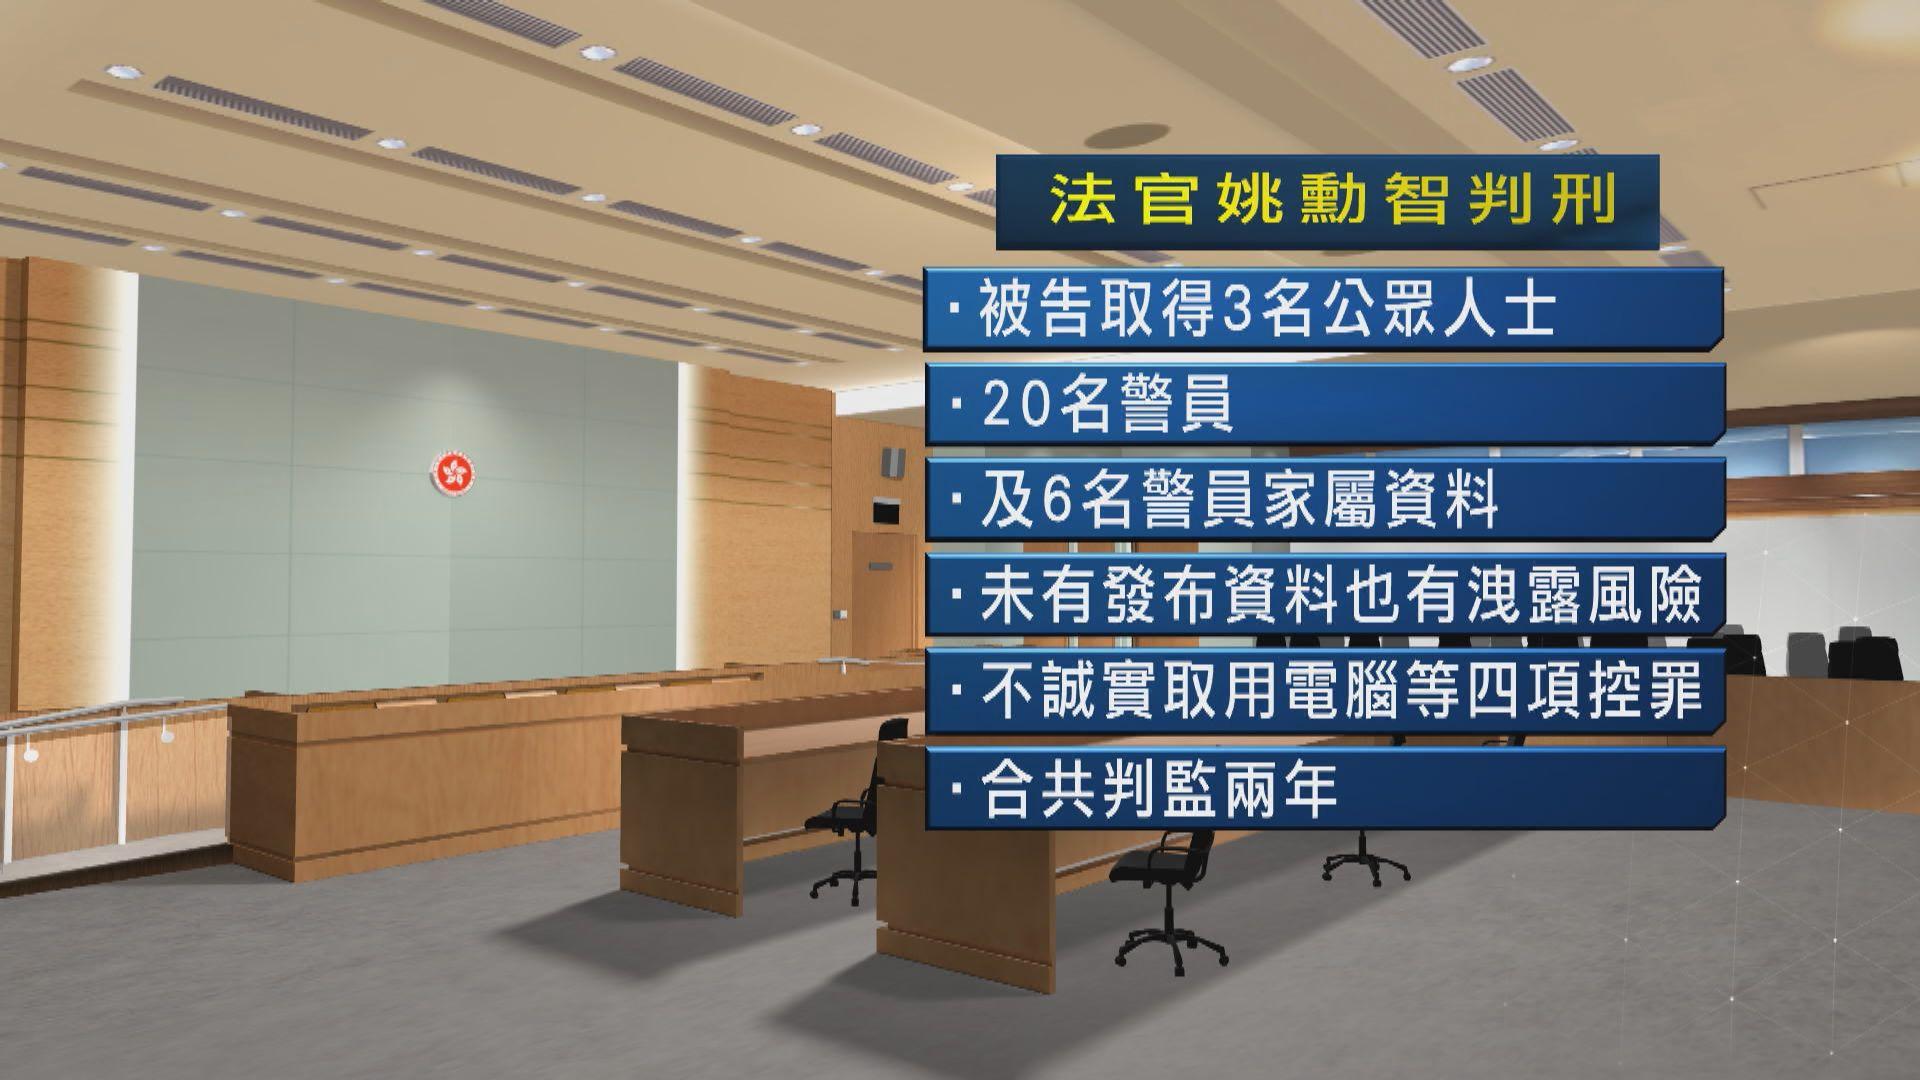 前技術員發布警員家屬資料囚兩年 官:無減刑因素